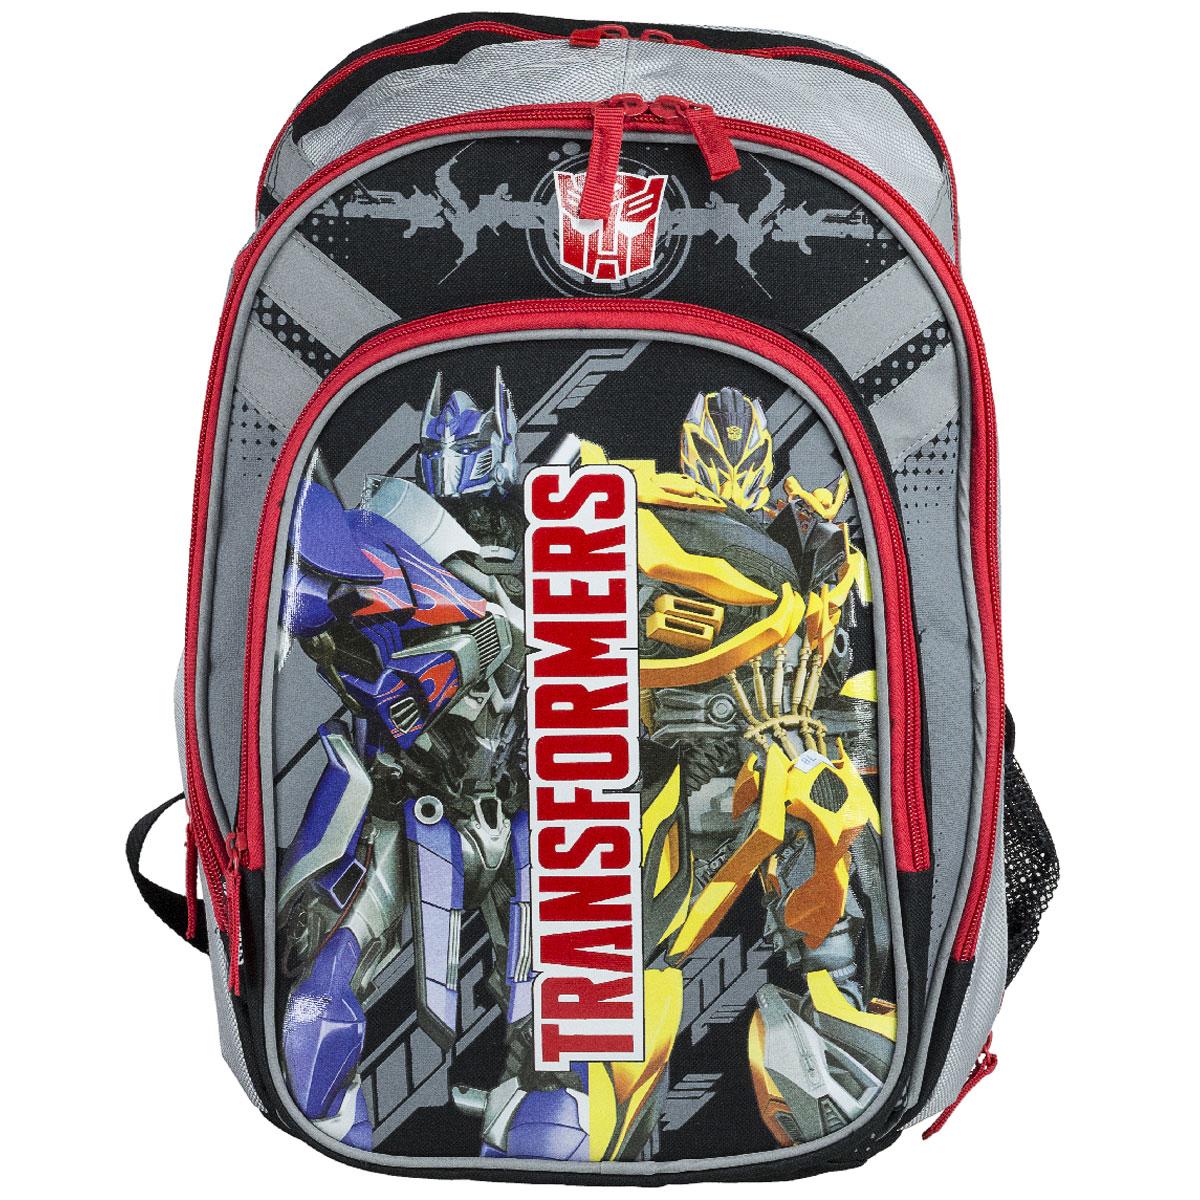 """Фото Рюкзак школьный """"Transformers Prime"""", цвет: черный, серый, красный. TRCB-MT1-731"""